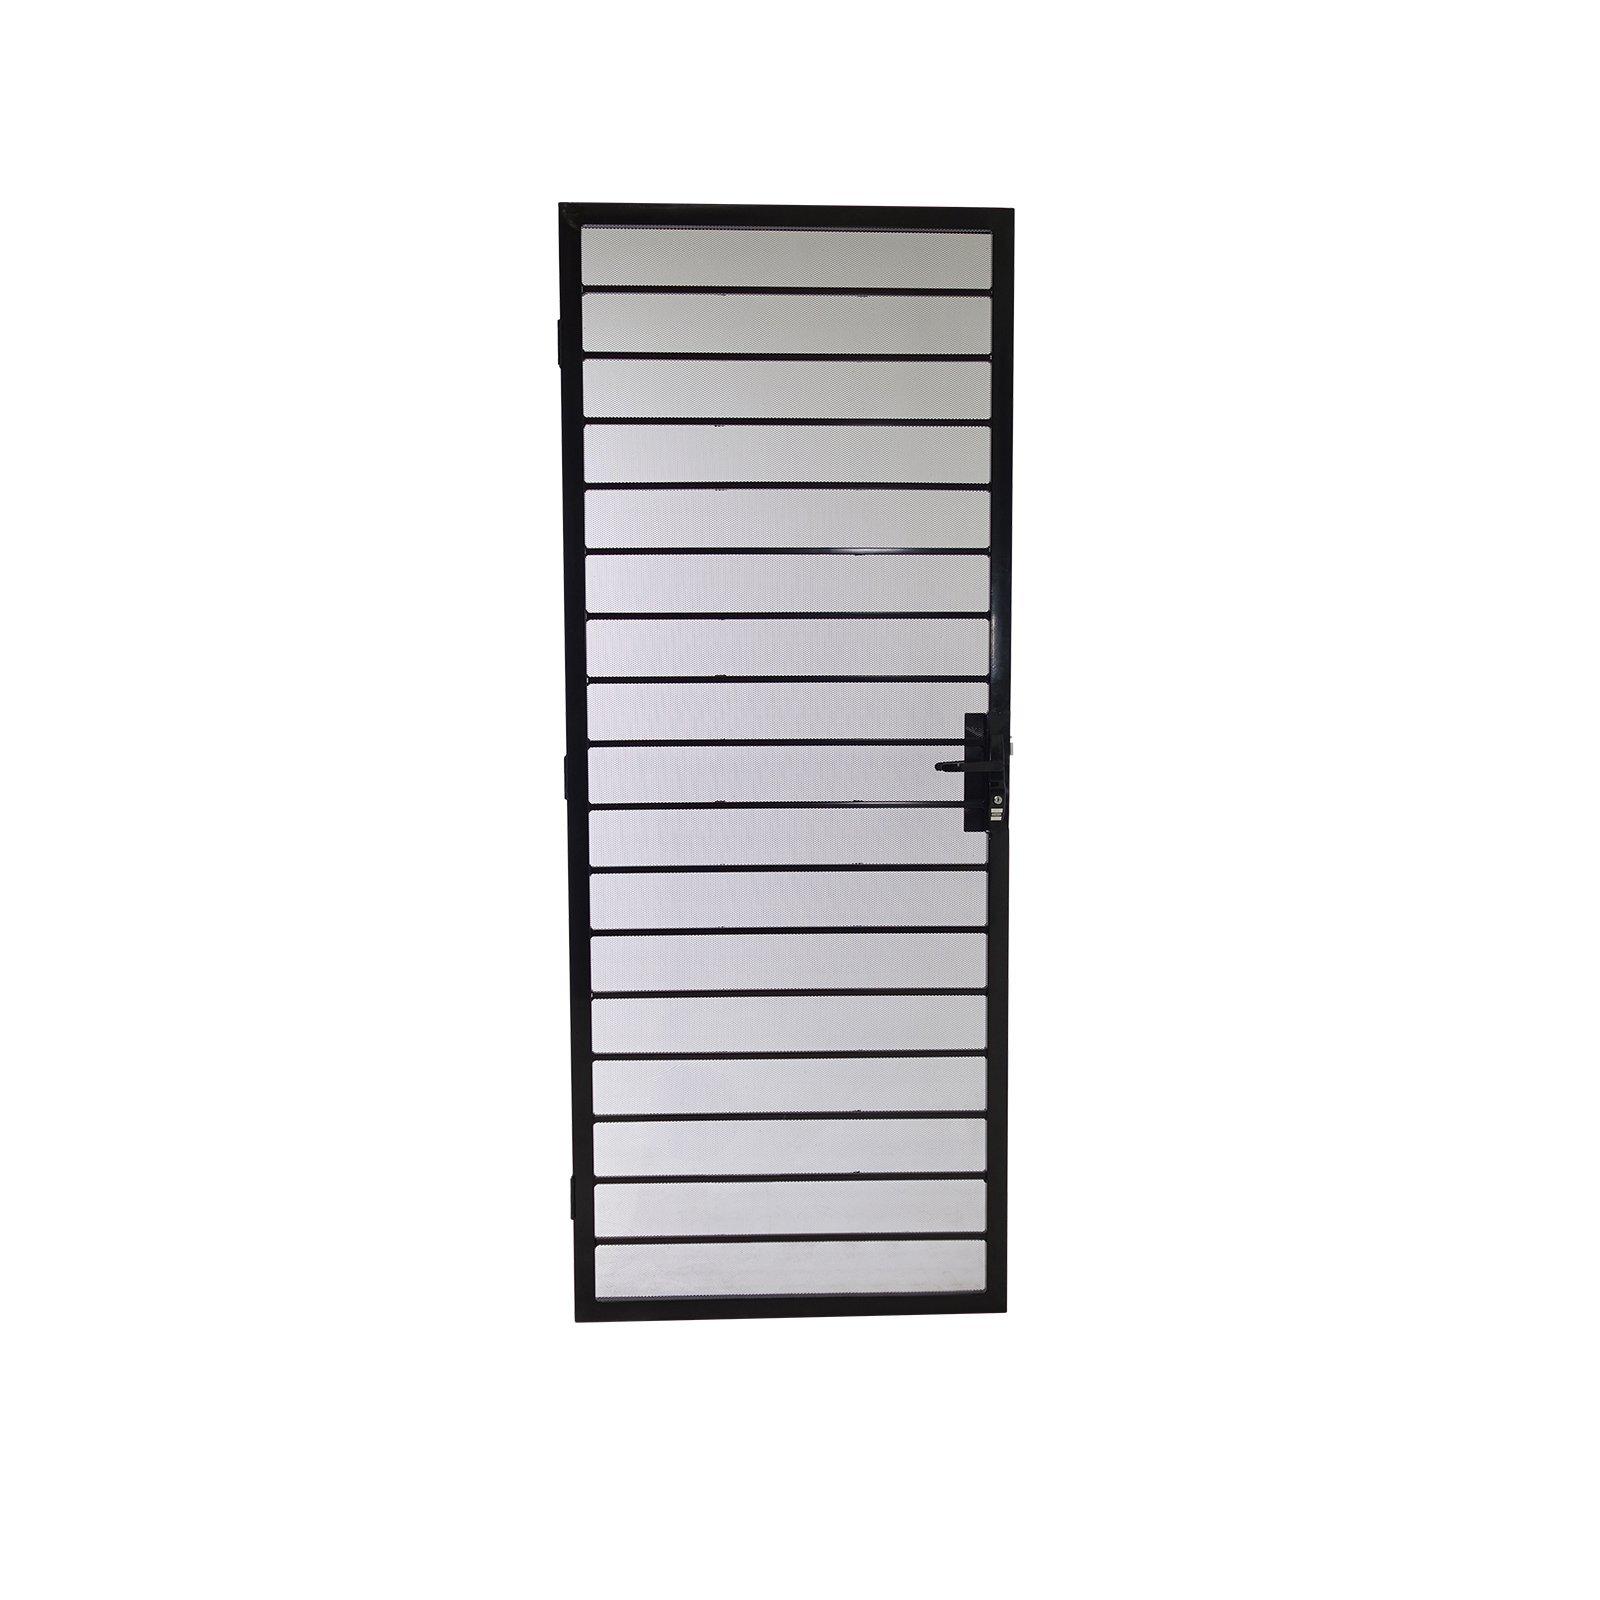 Polar 2032 x 813mm Black Hamilton Metric Steel Screen Door